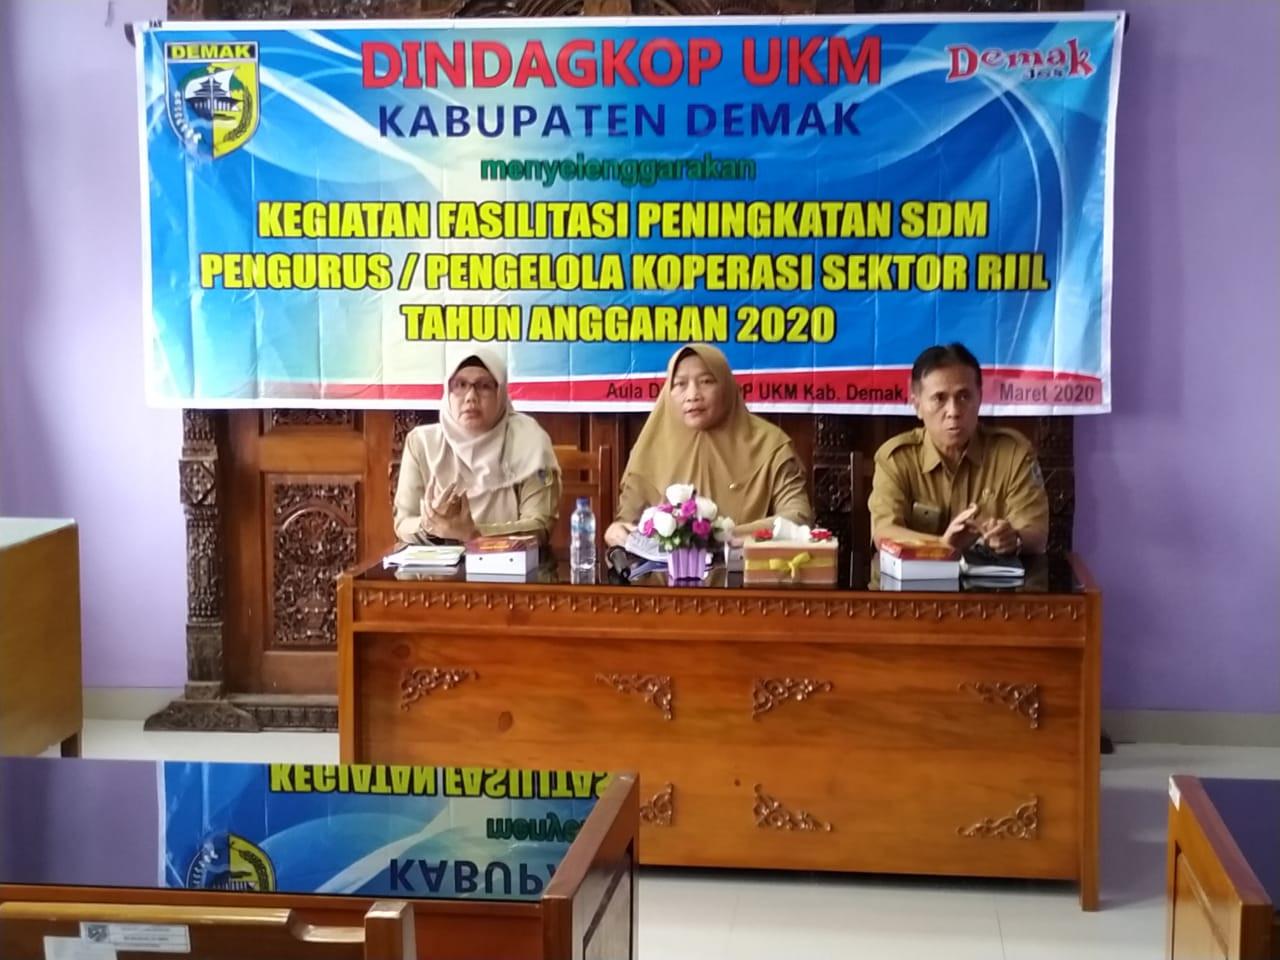 Kegiatan Fasilitasi Peningkatan SDM Pengurus/Pengelola Koperasi Sektor Riil Angkatan II